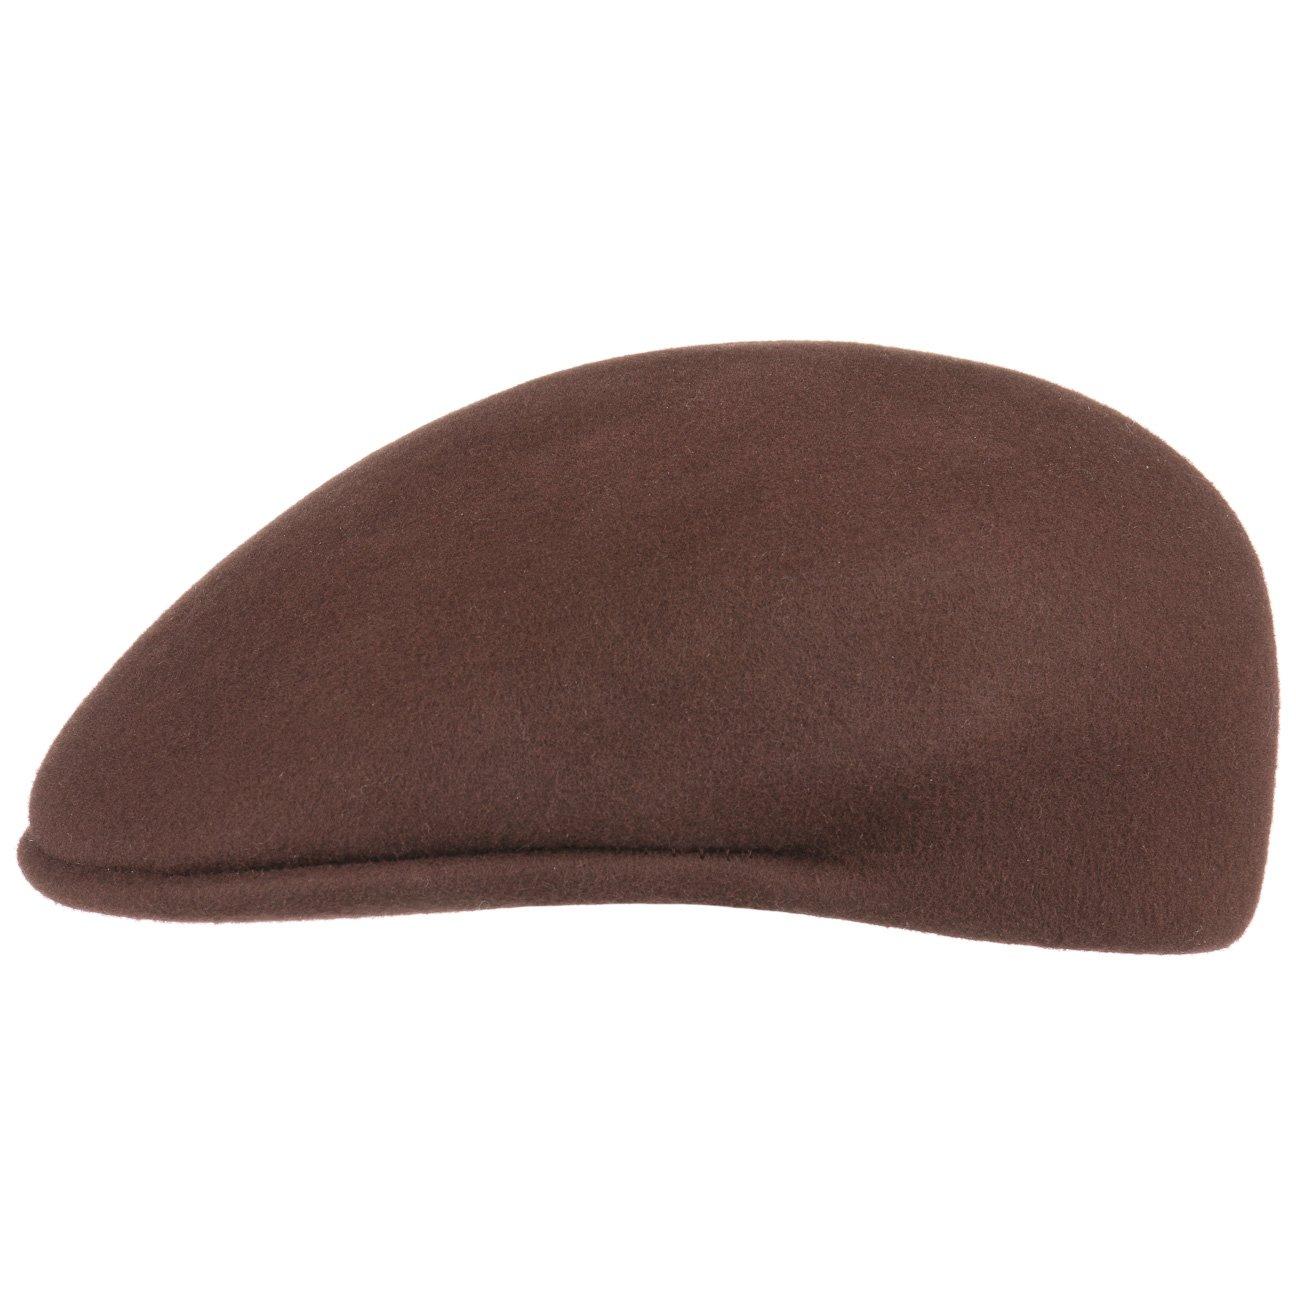 Lipodo Men's Felt Flat Cap - Italian-Made Ivy Cap - Wool Felt Peaked Cap - Cap with 3 cm Peak - Fall/Winter Flat Cap - Brown S (6 3/4-6 7/8) by Lipodo